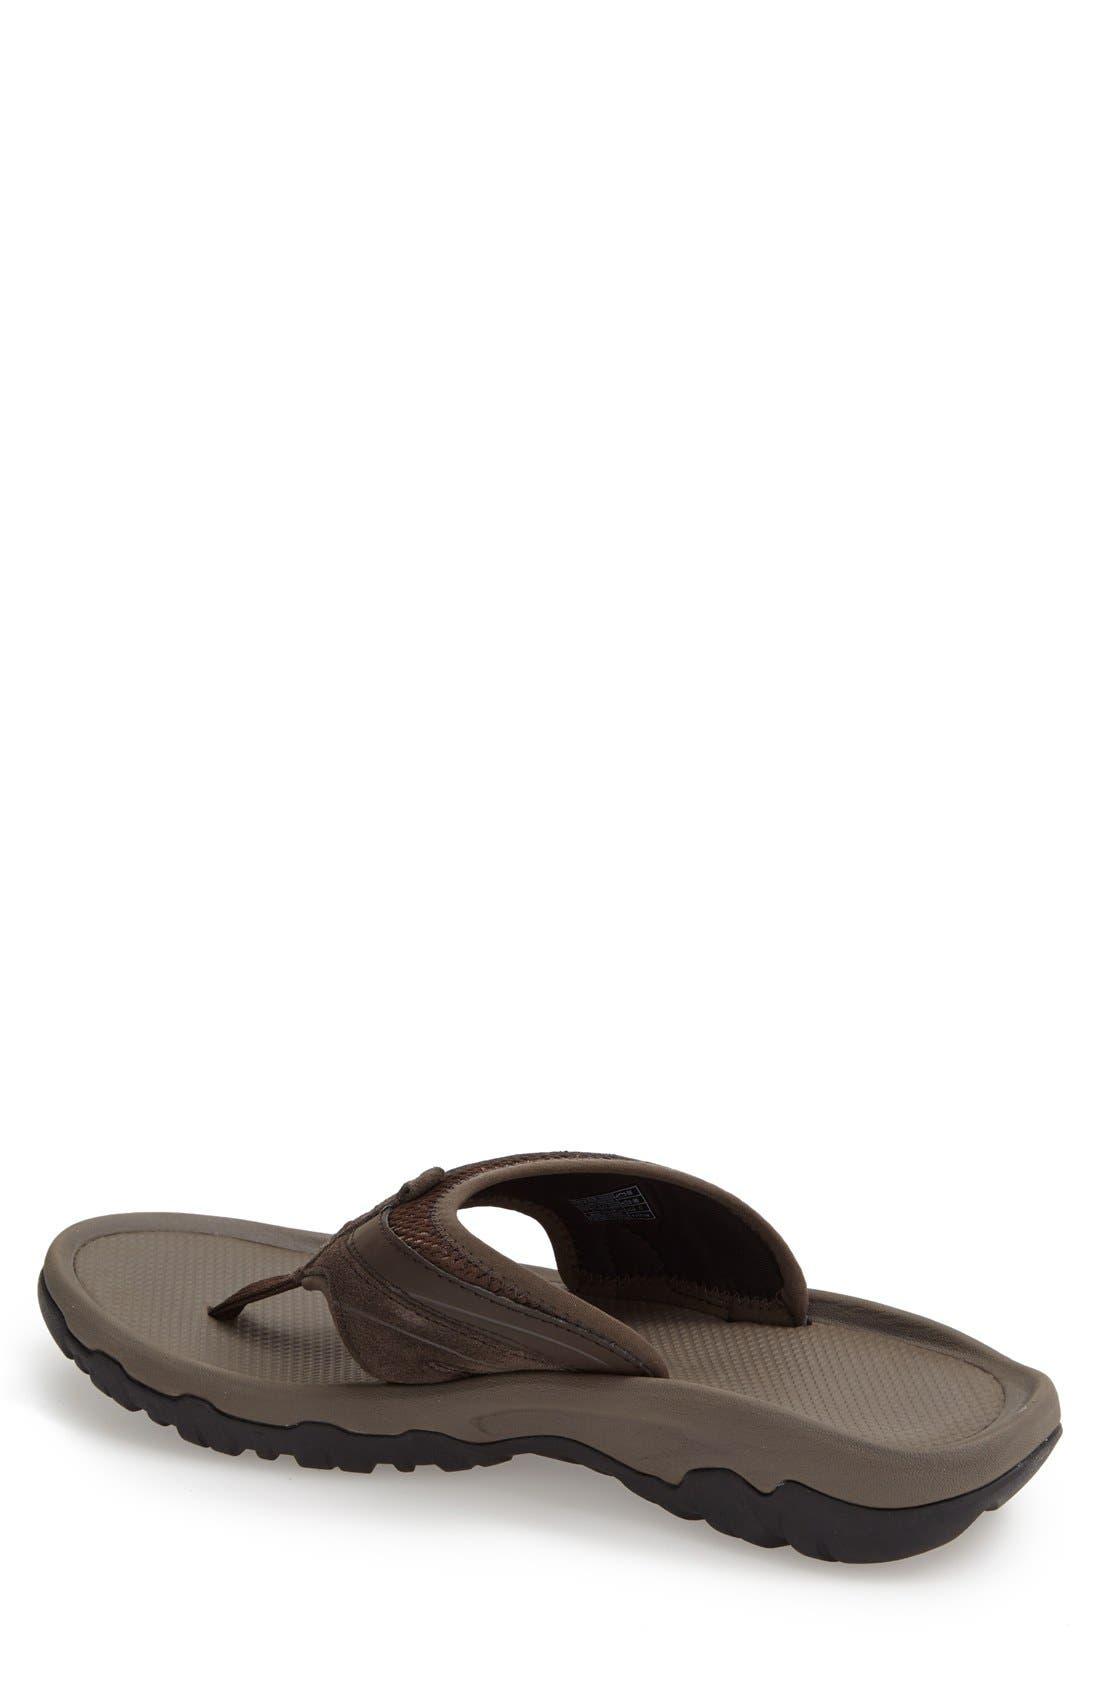 Alternate Image 2  - Teva 'Pajaro' Sandal (Men)